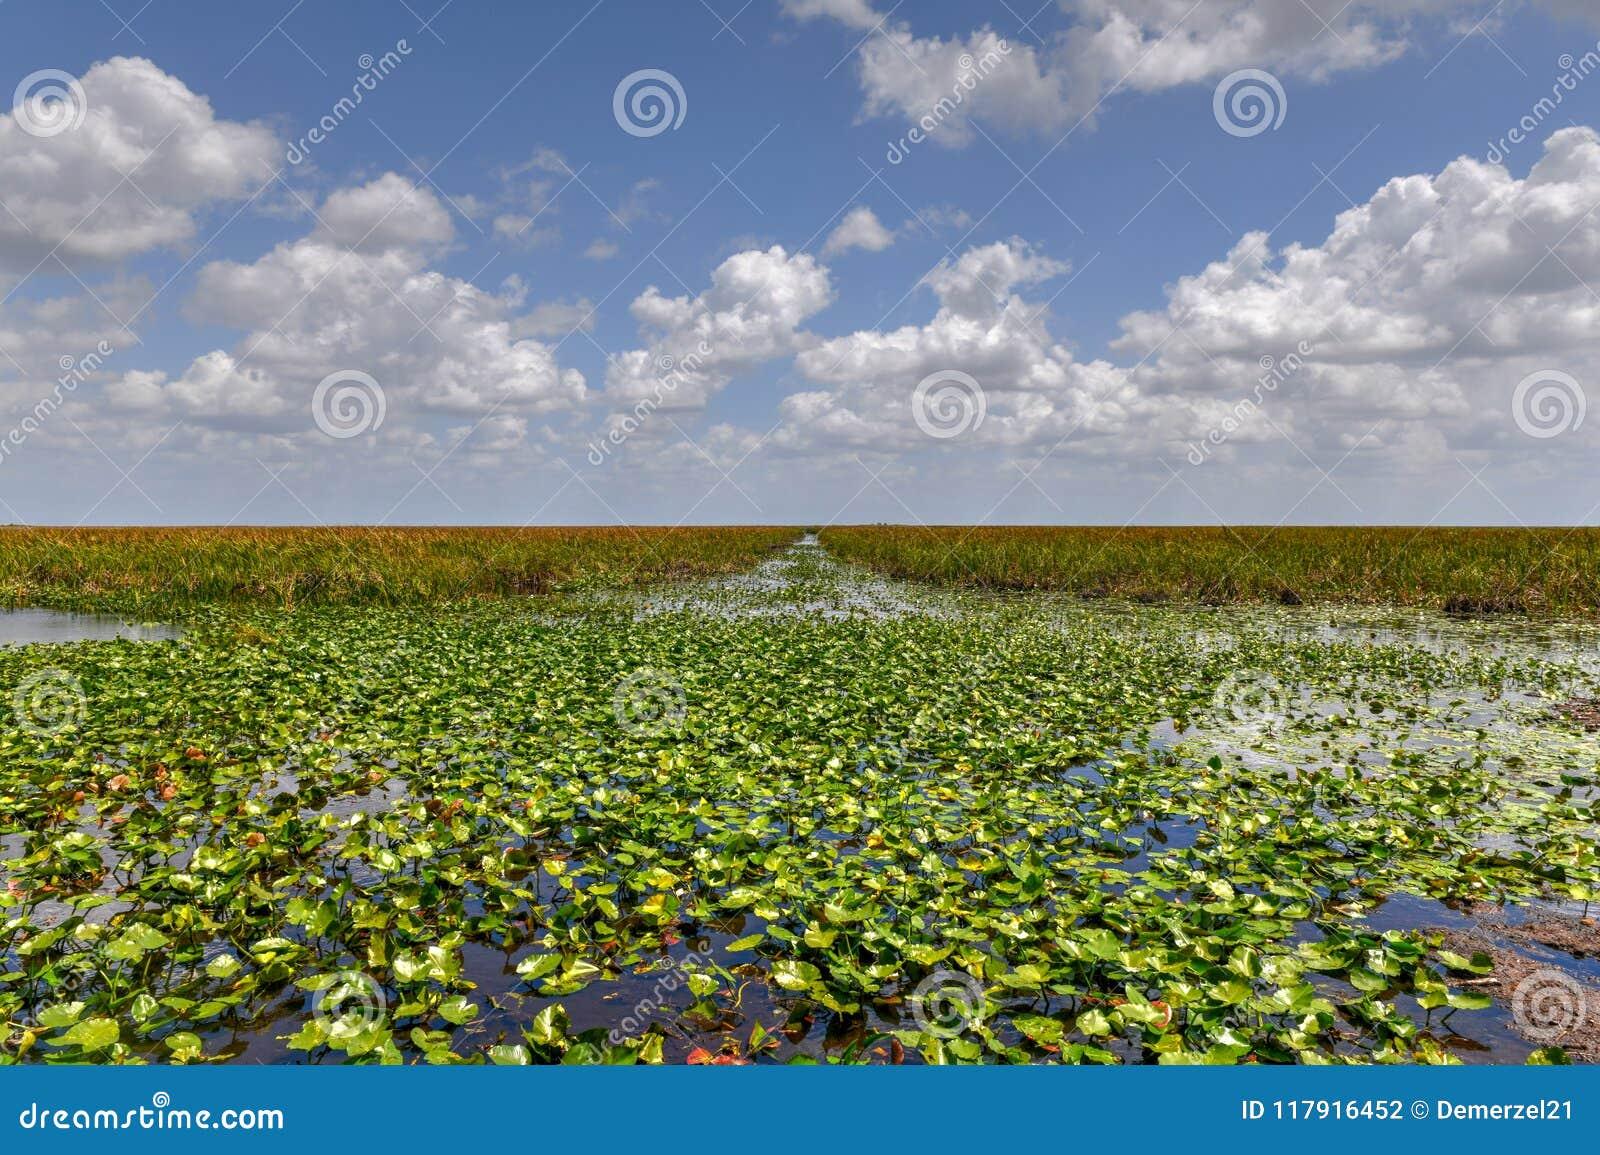 Everglades-Nationalpark - Florida